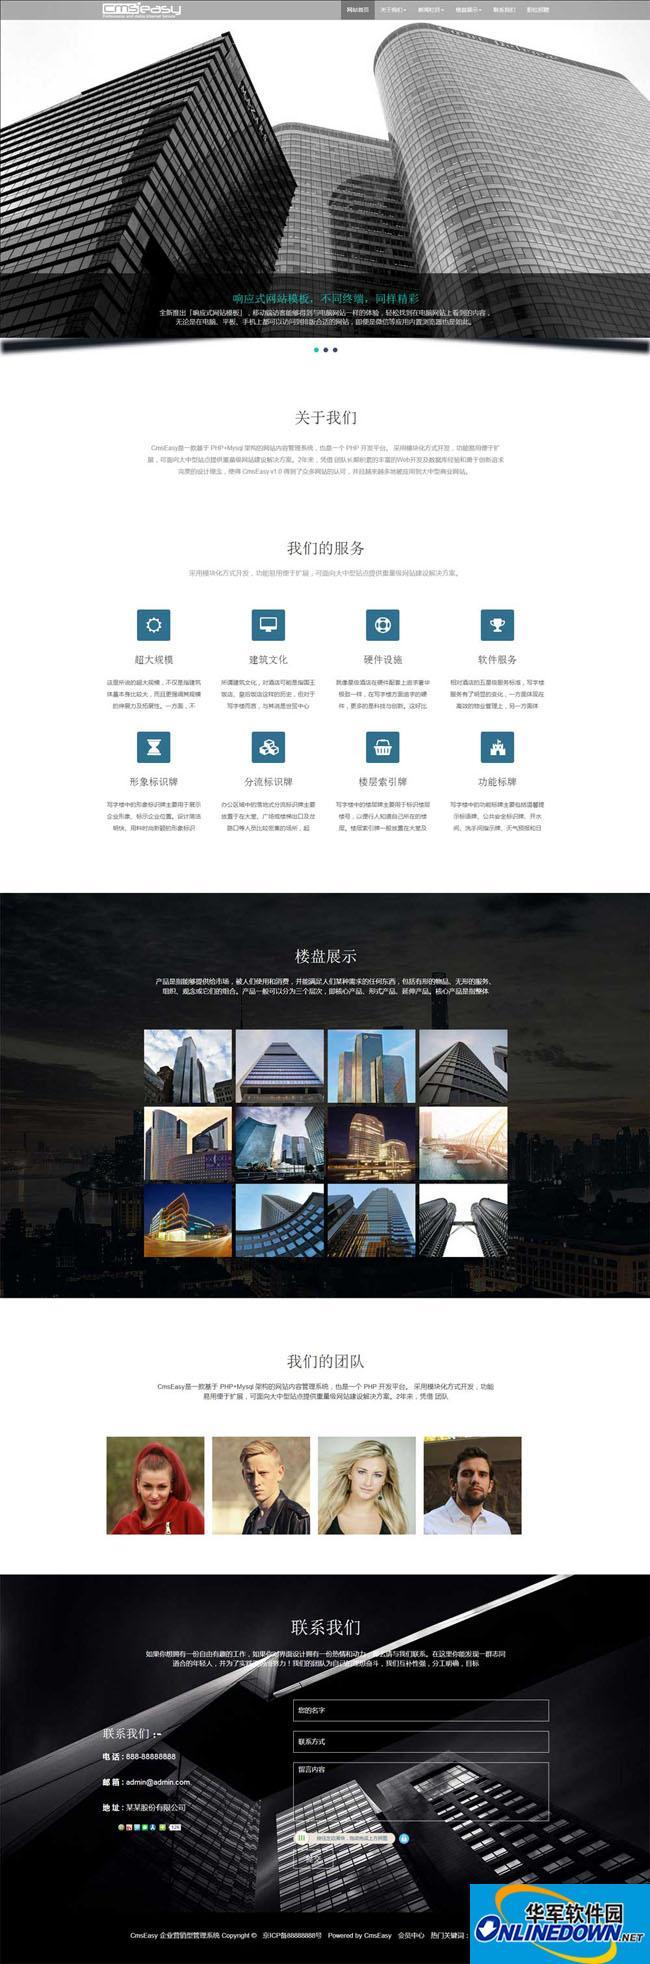 现代建筑设计公司响应式网站模板 PC版